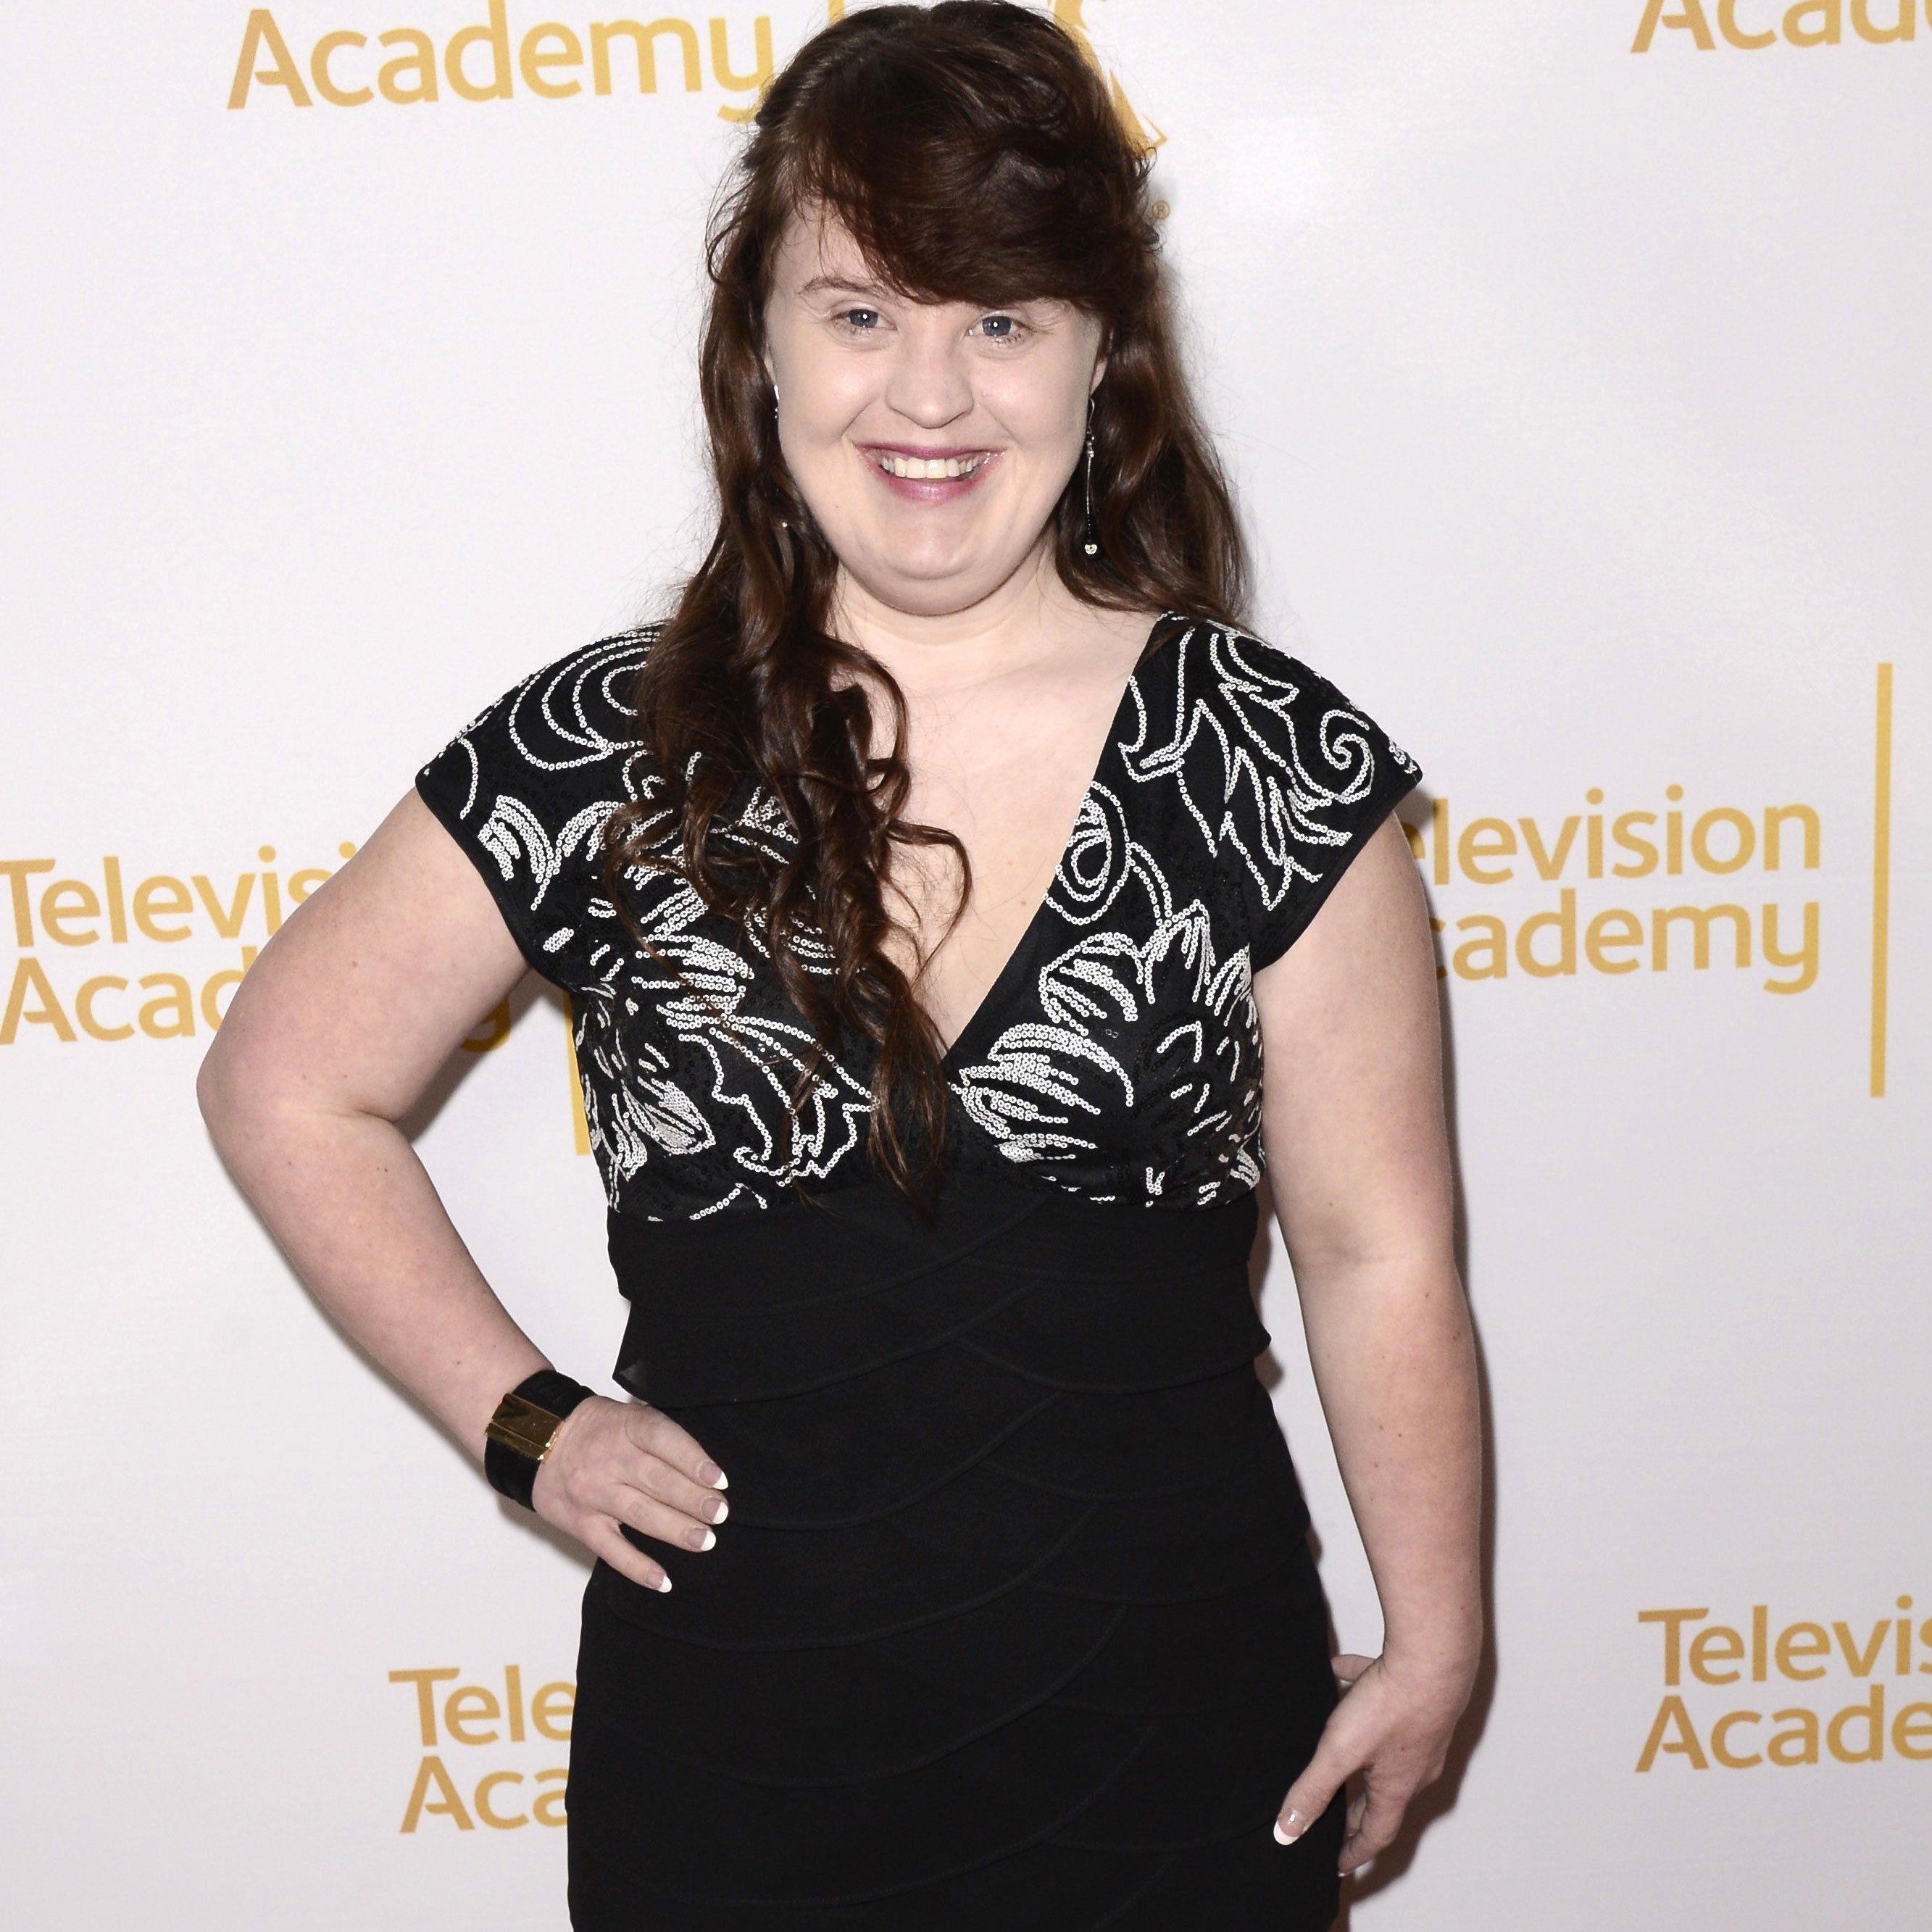 Jamie Brewer, hier 2014 bei den Emmy Awards, hat ihren ersten Auftritt auf dem Catwalk absolviert.